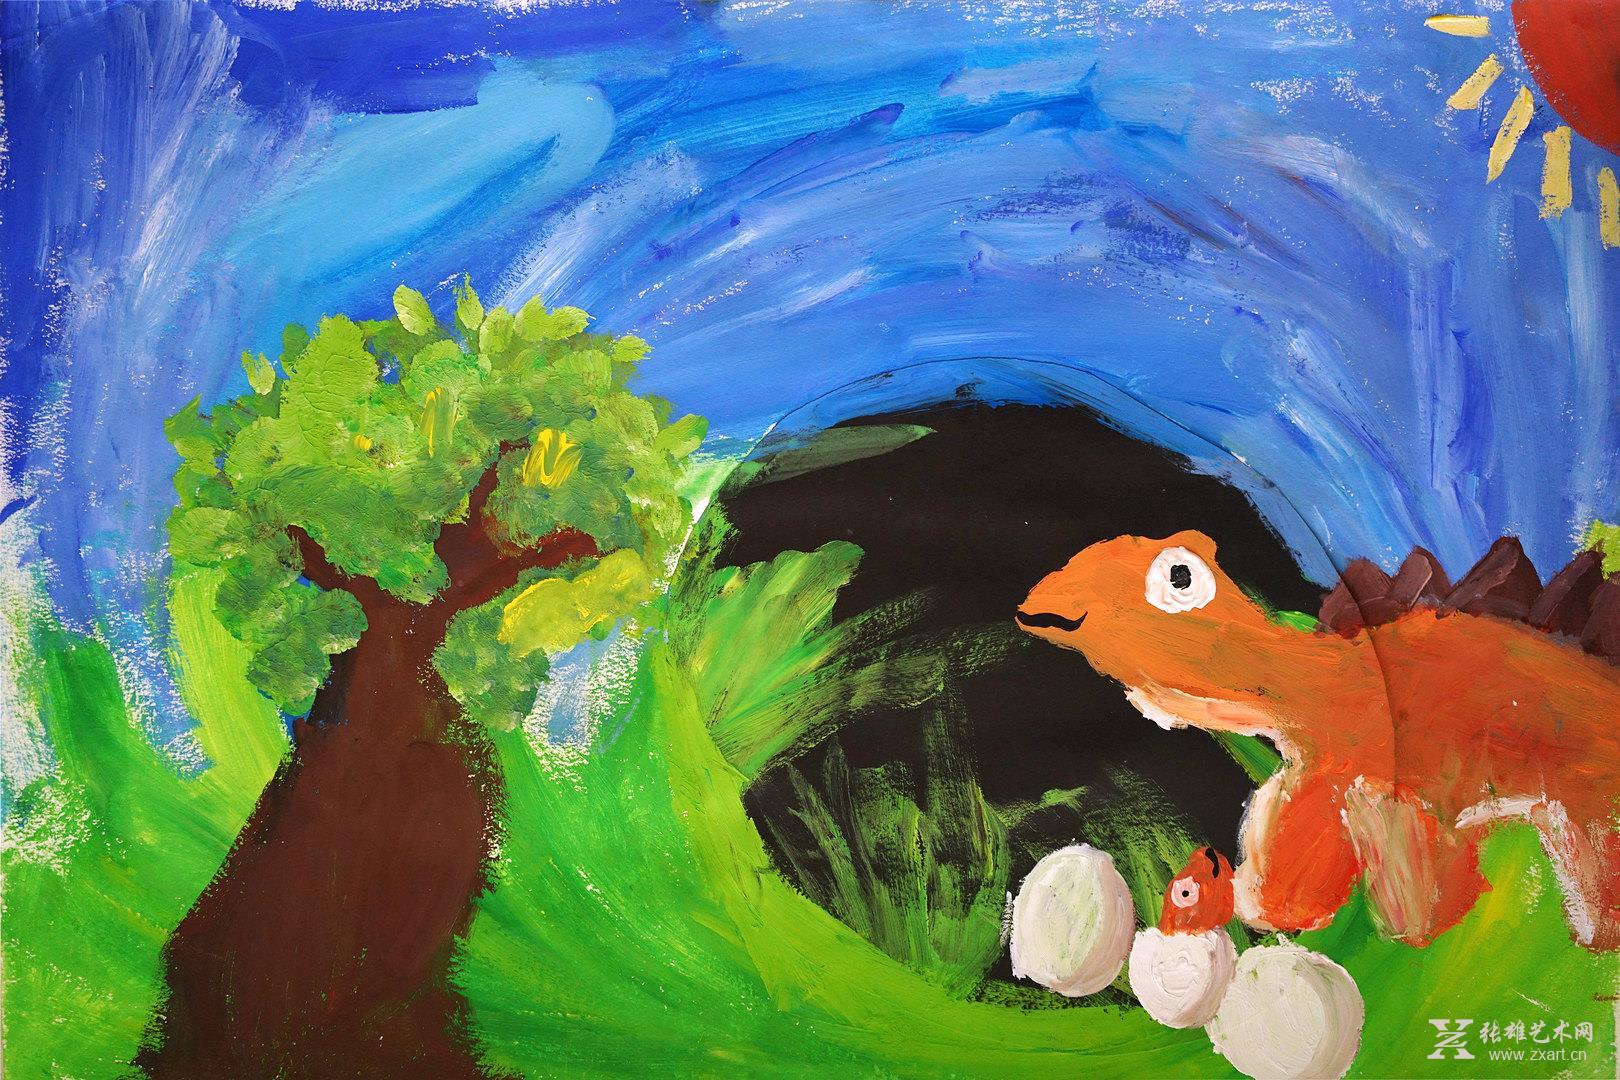 > 泡泡恐龙   •商品描述: 阮绚言作品  7岁《泡泡恐龙》西洋绘画